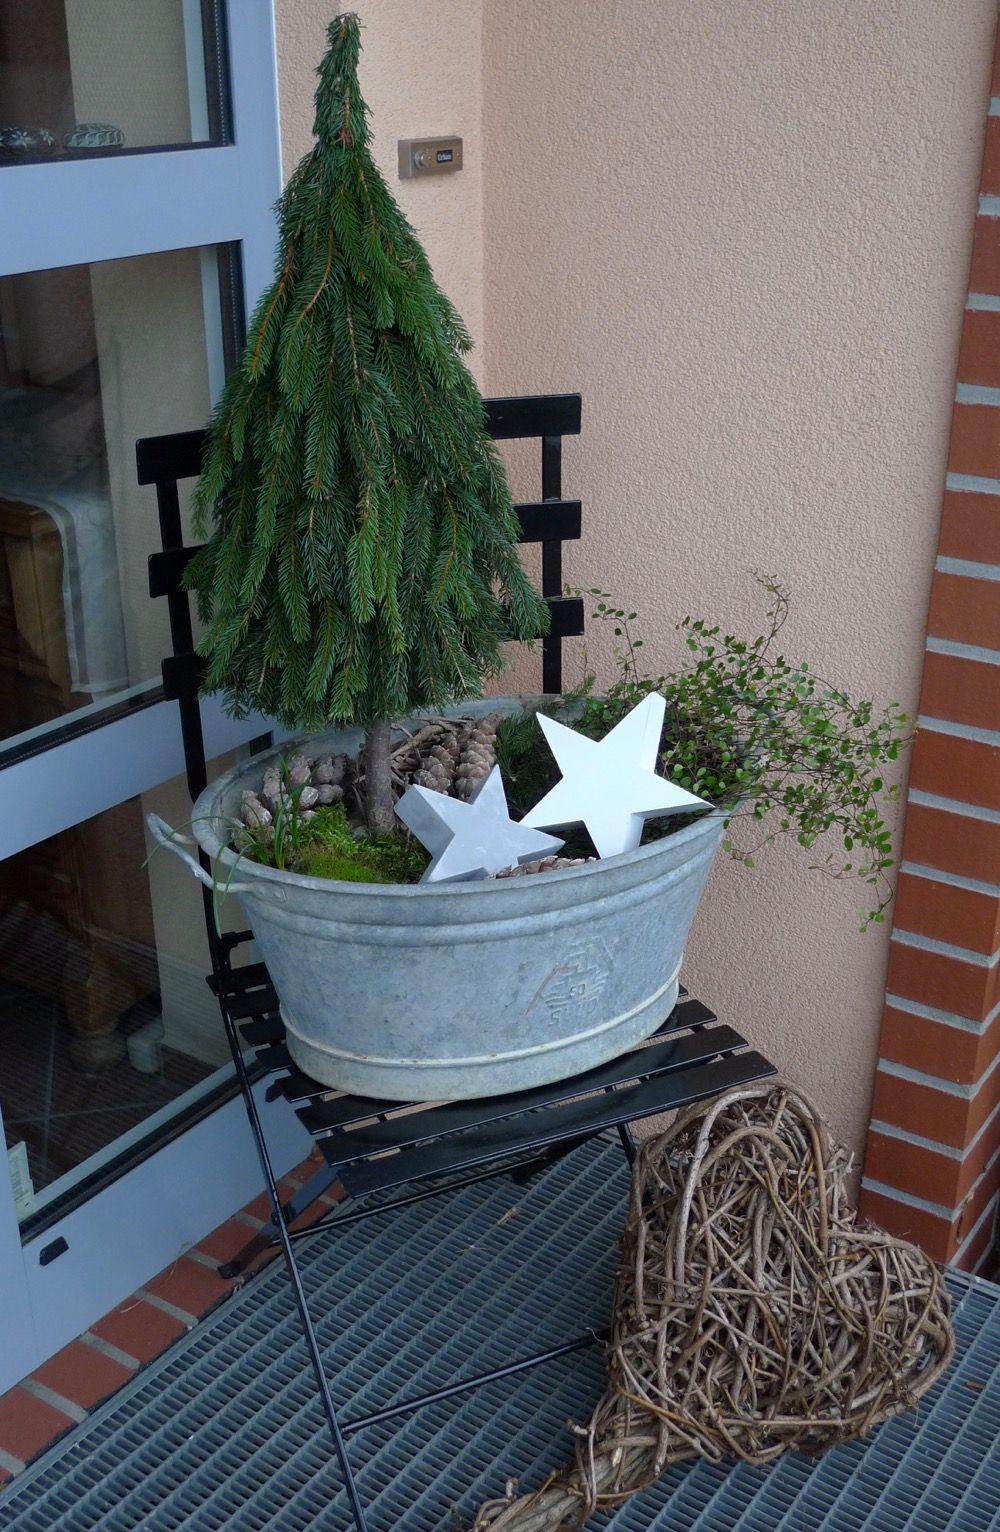 Kleiner Baum in Zinkwanne – Karin Urban-NaturalSTyle